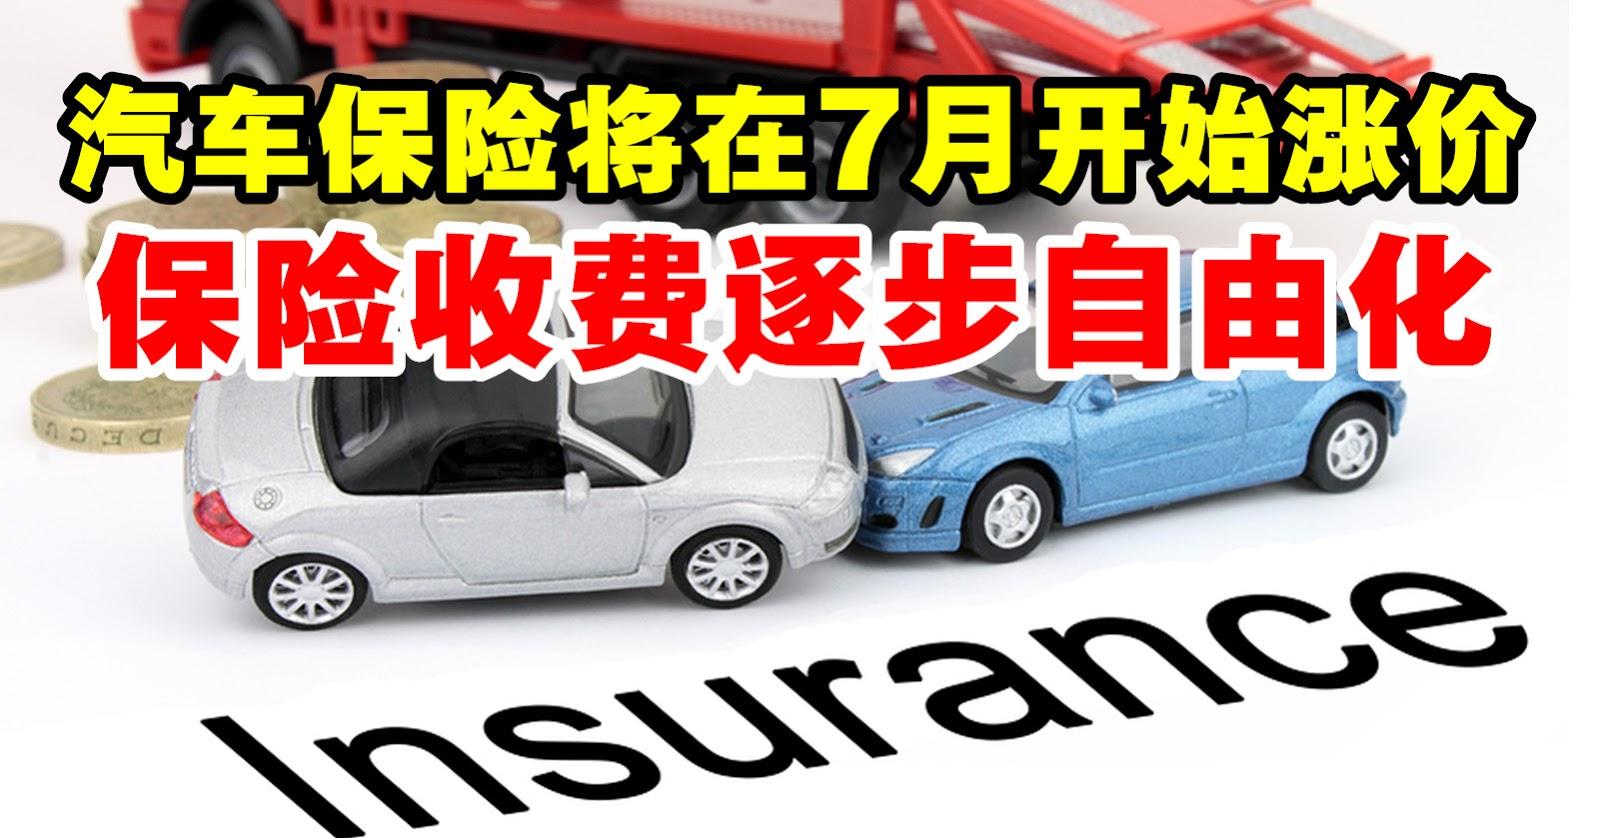 汽车保险将在7月开始涨价,保险收费逐步自由化